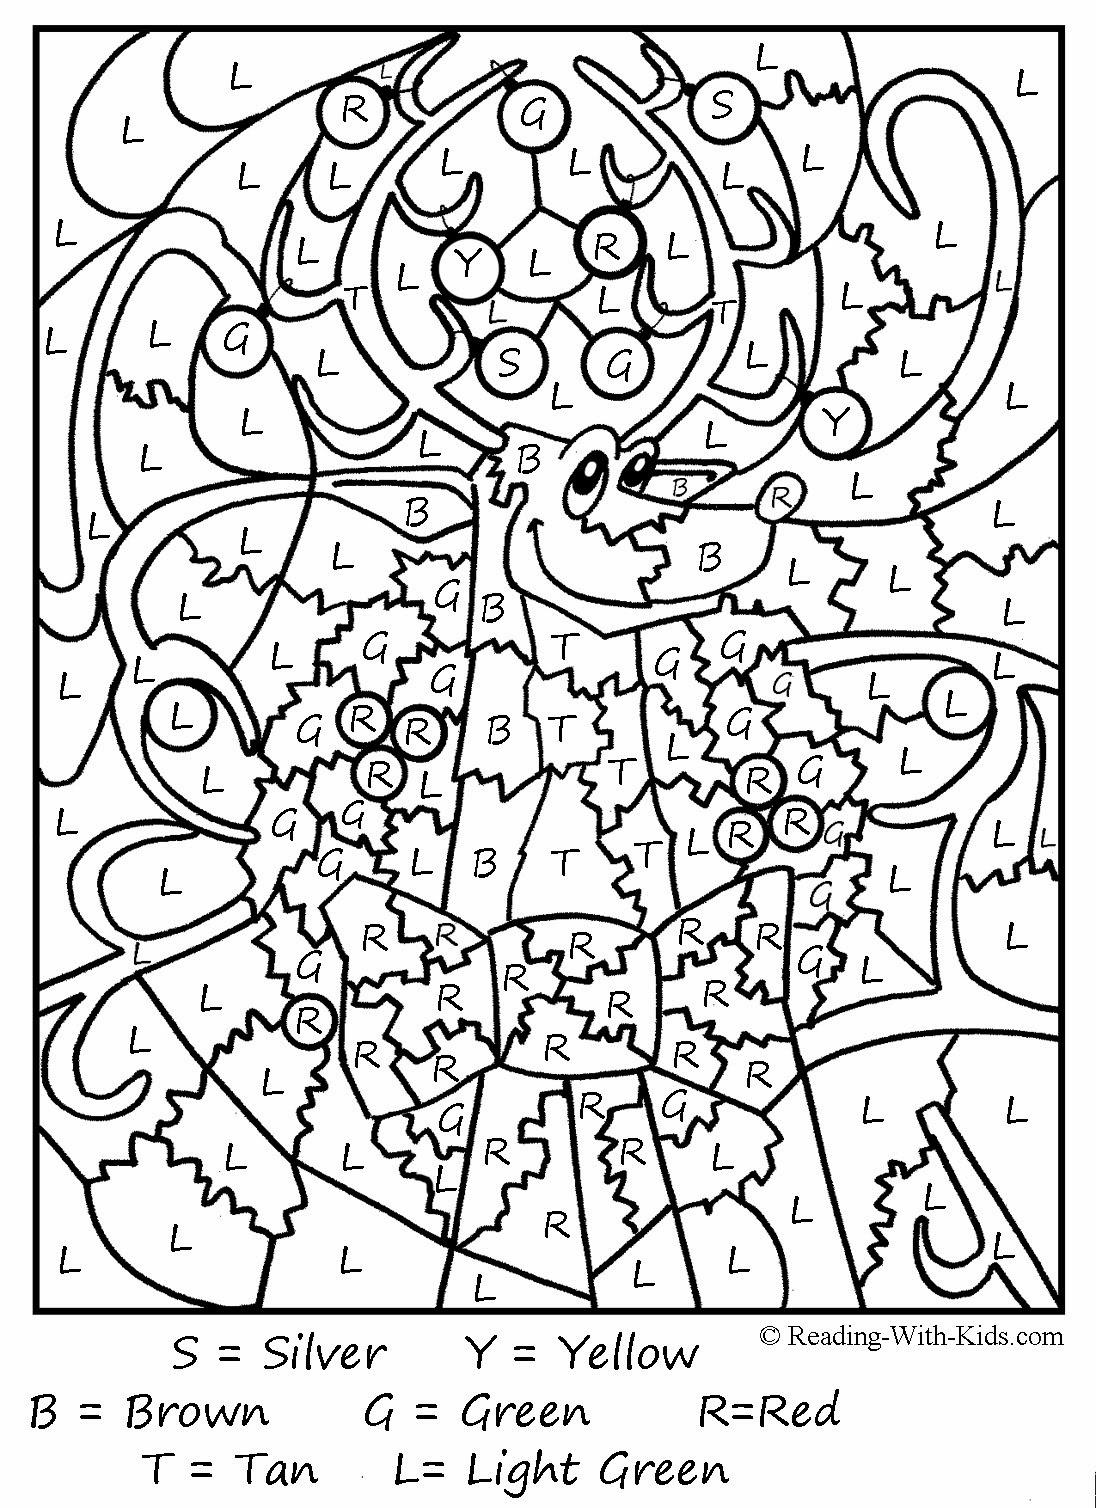 Dessins Gratuits À Colorier - Coloriage Magique Cp À Imprimer intérieur Des Coloriage